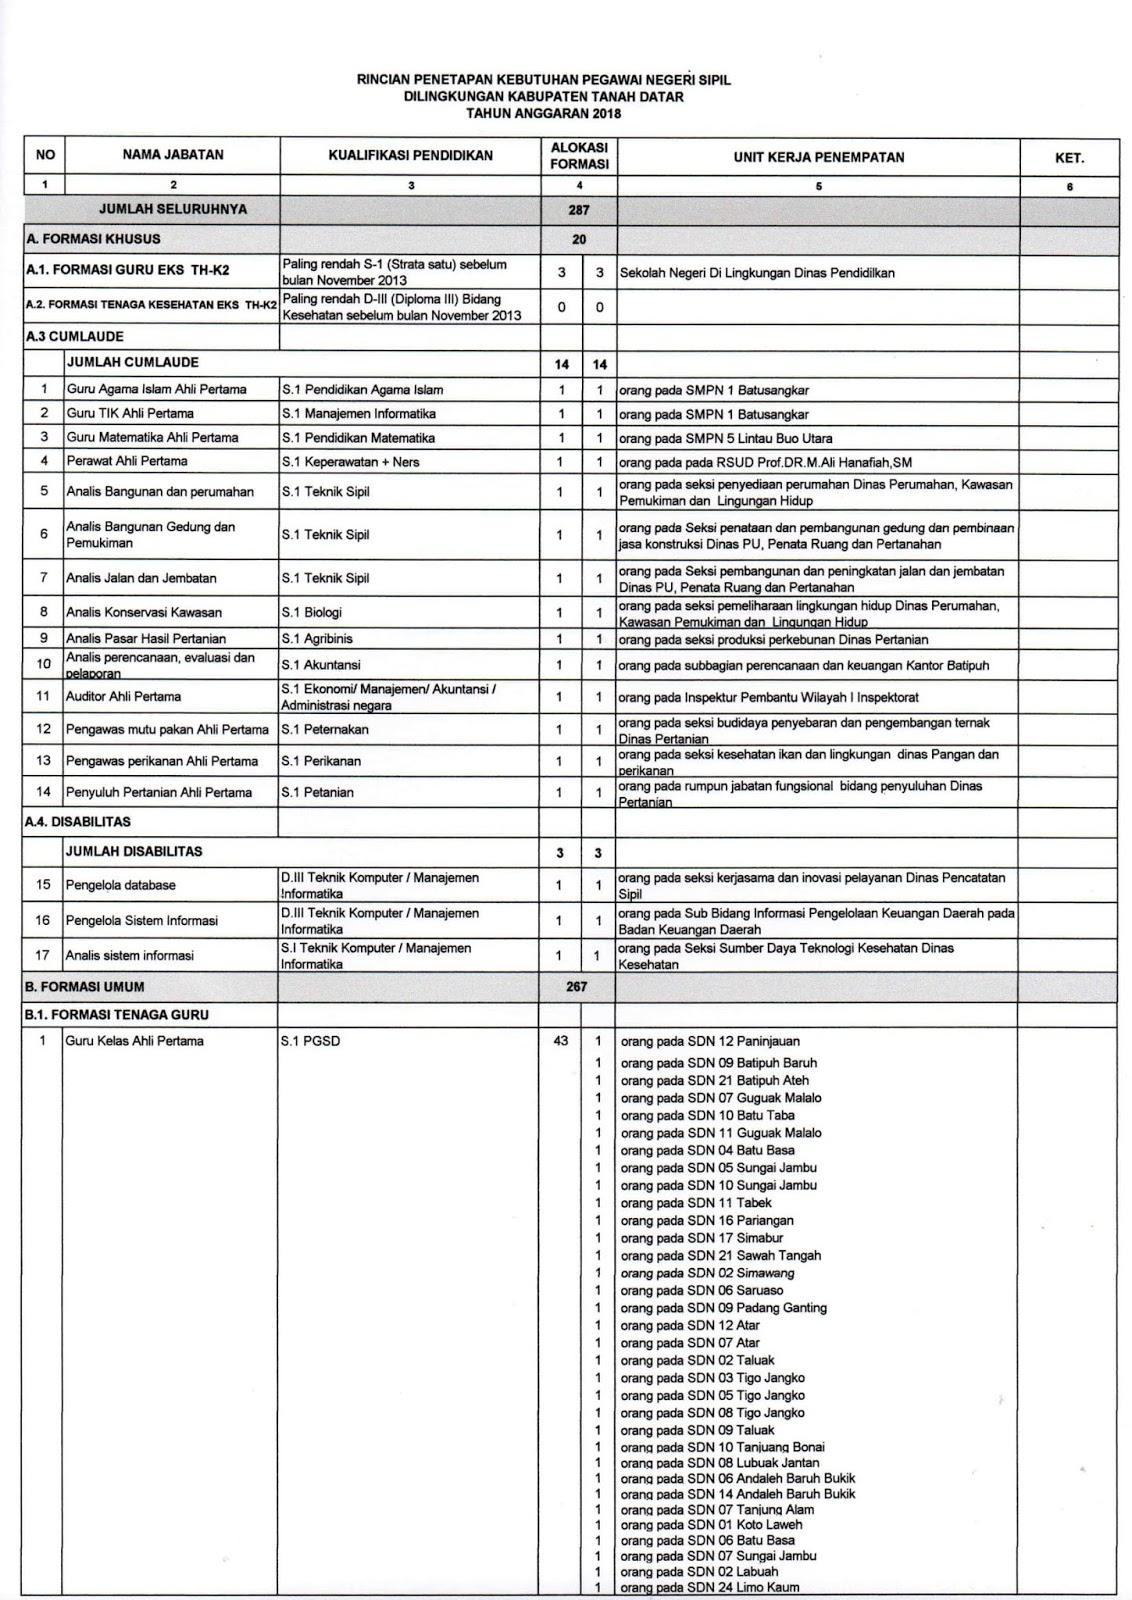 Formasi CPNS Kabupaten Tanah Datar 2018